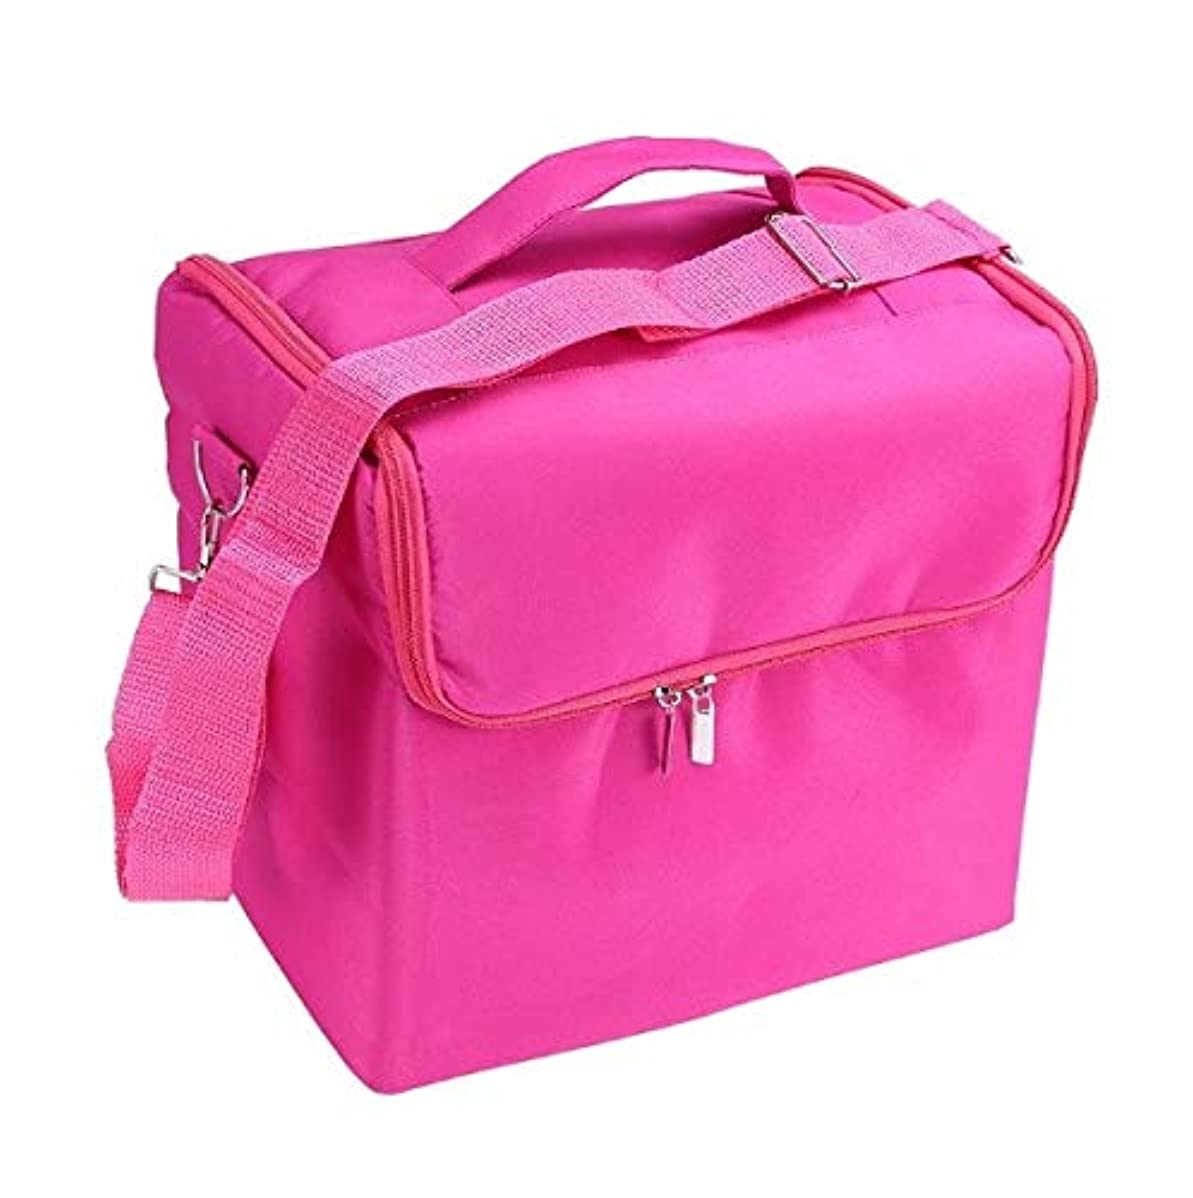 ソーダ水こどもの日穿孔する化粧品ケース、ローズレッド多層化粧品バッグ、ポータブル旅行多機能化粧品ケース、美容ネイルジュエリー収納ボックス